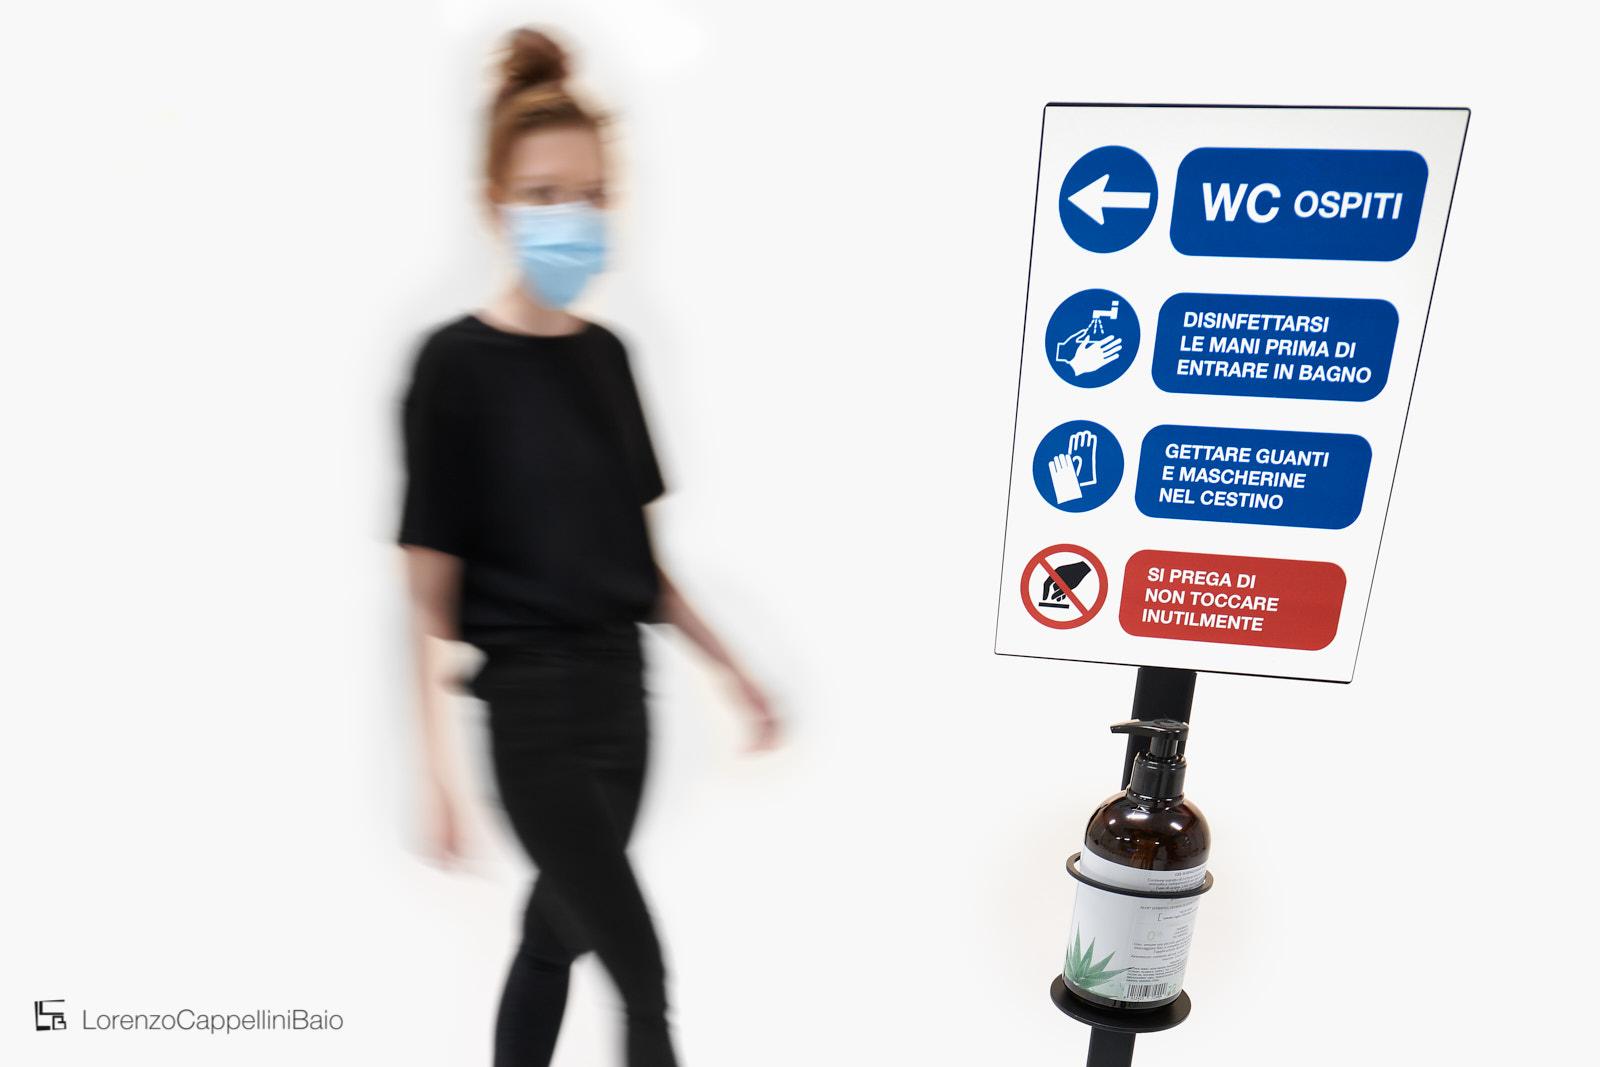 Misure precauzionali di sicurezza contro la diffusione del Covid | LCBstudio